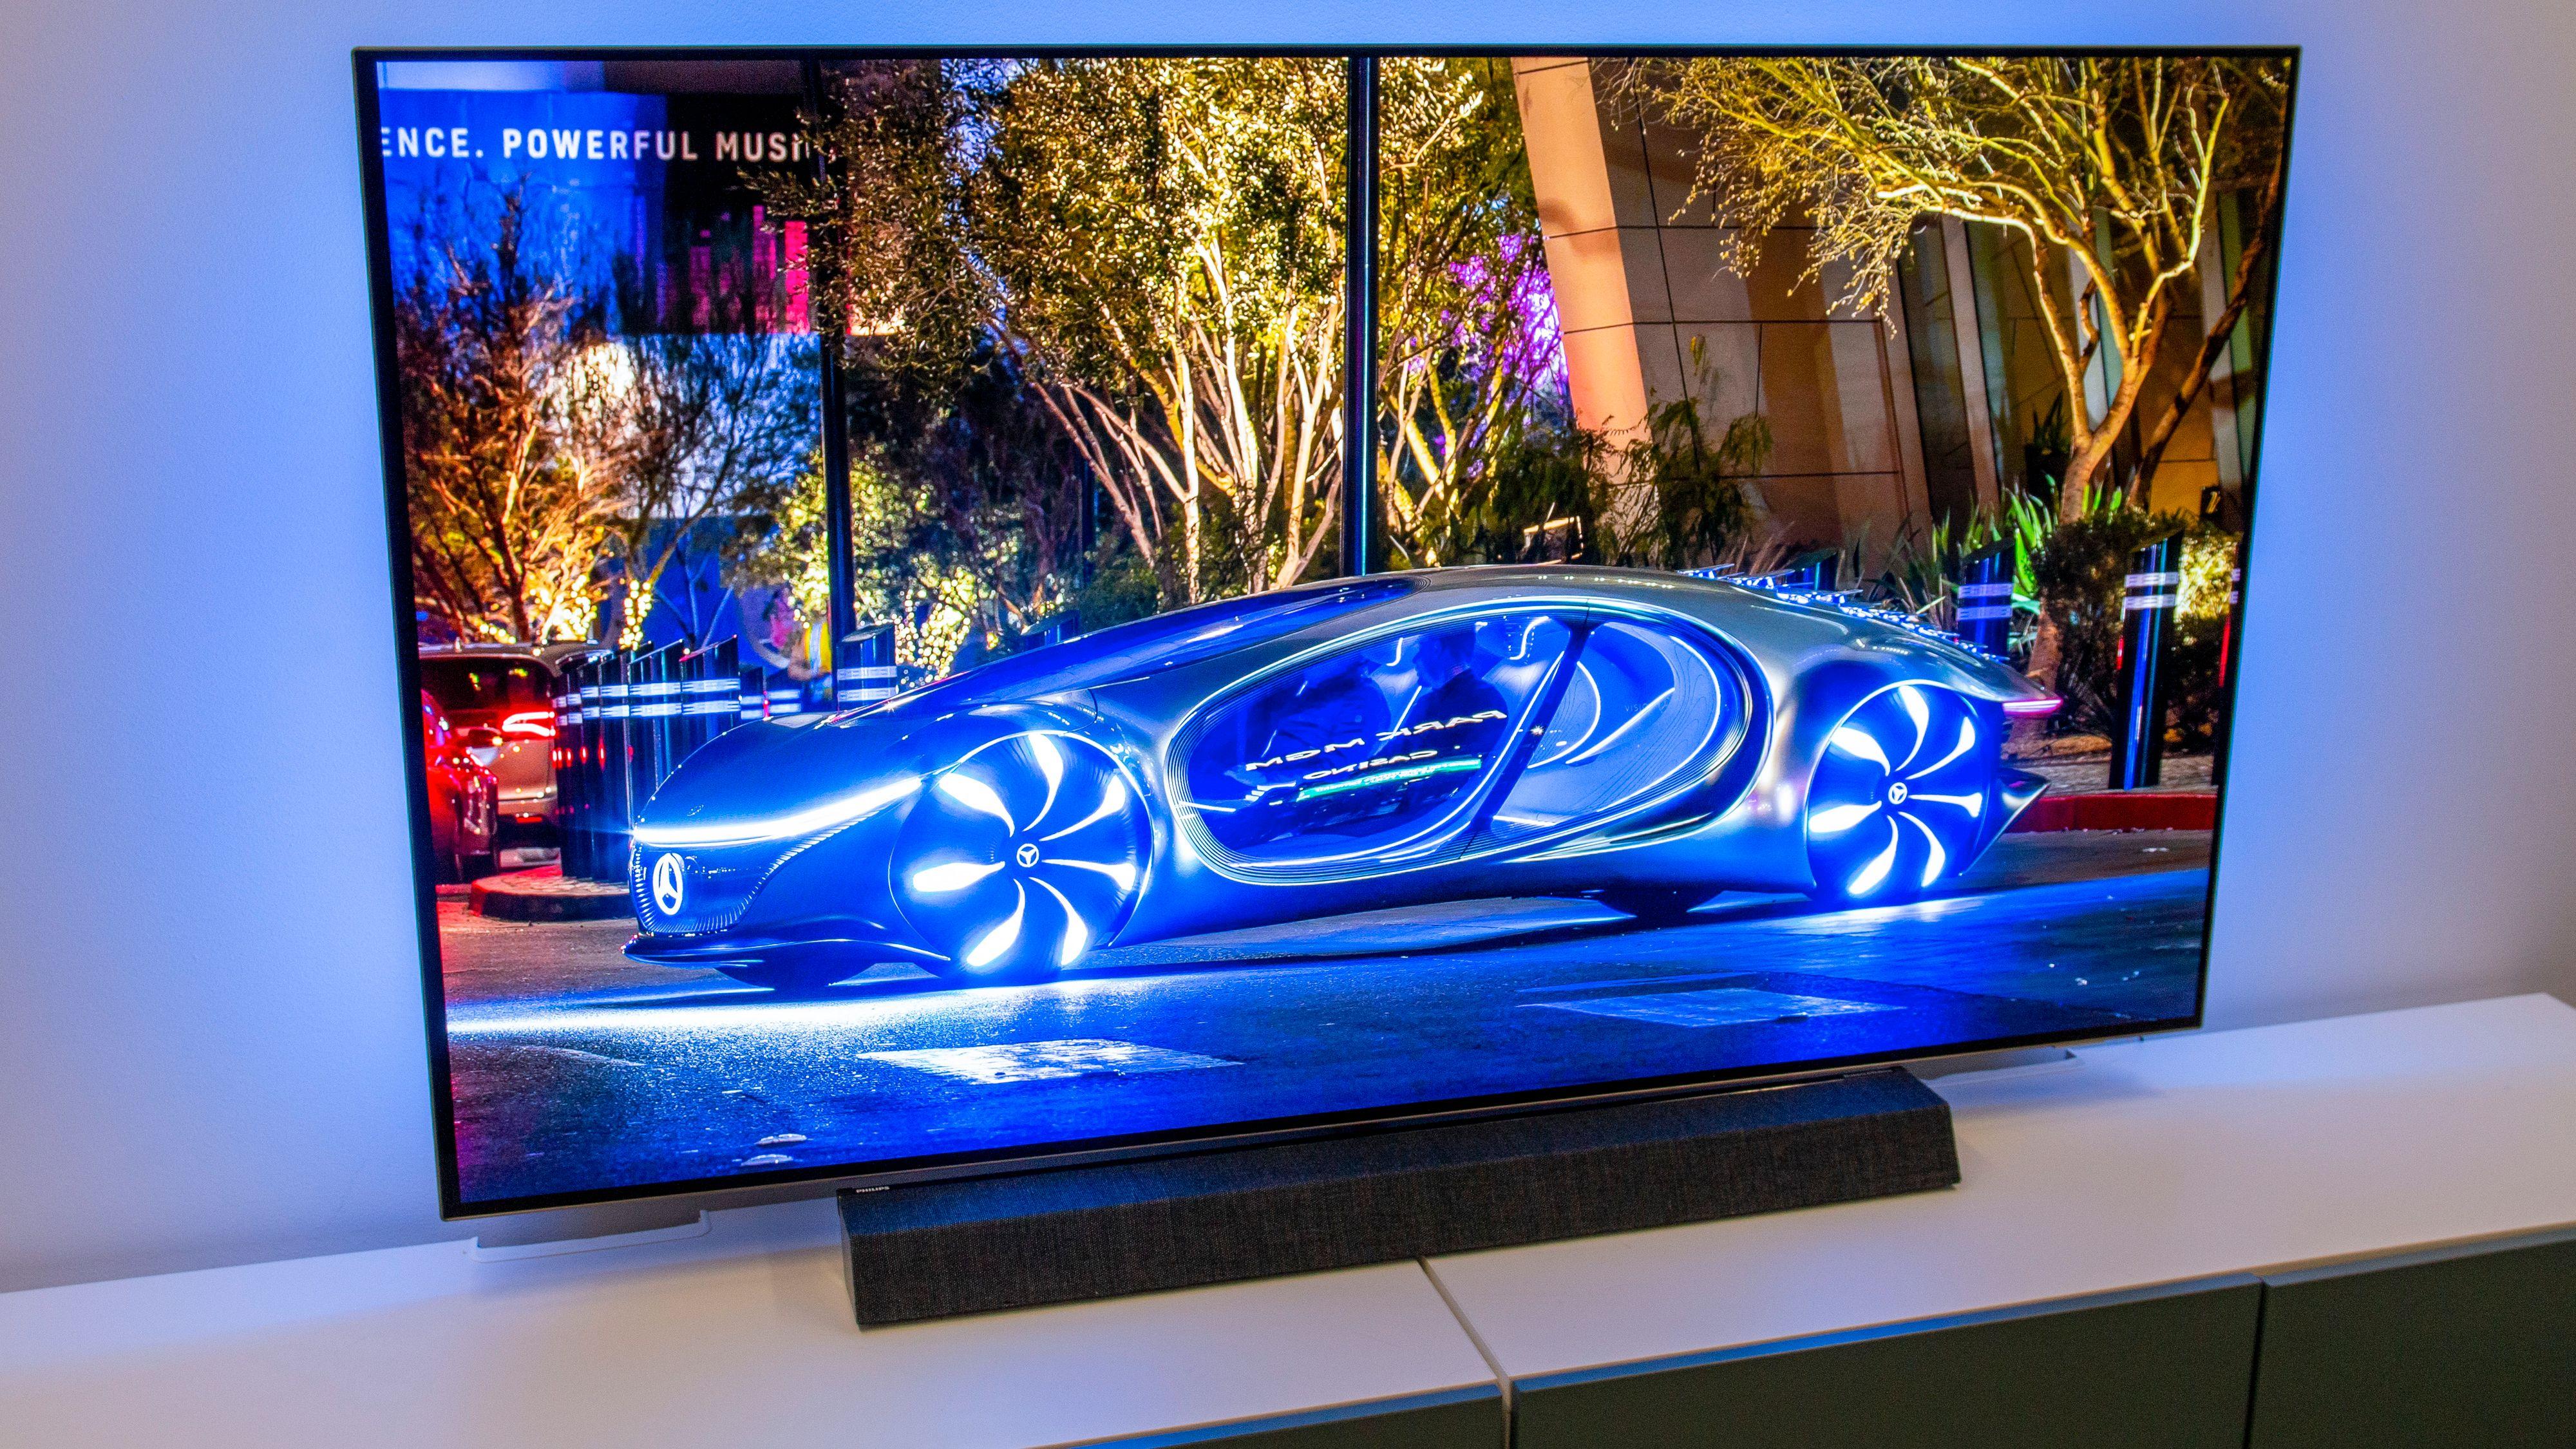 Denne TV-en kan by på mye mer enn bare et bra bilde